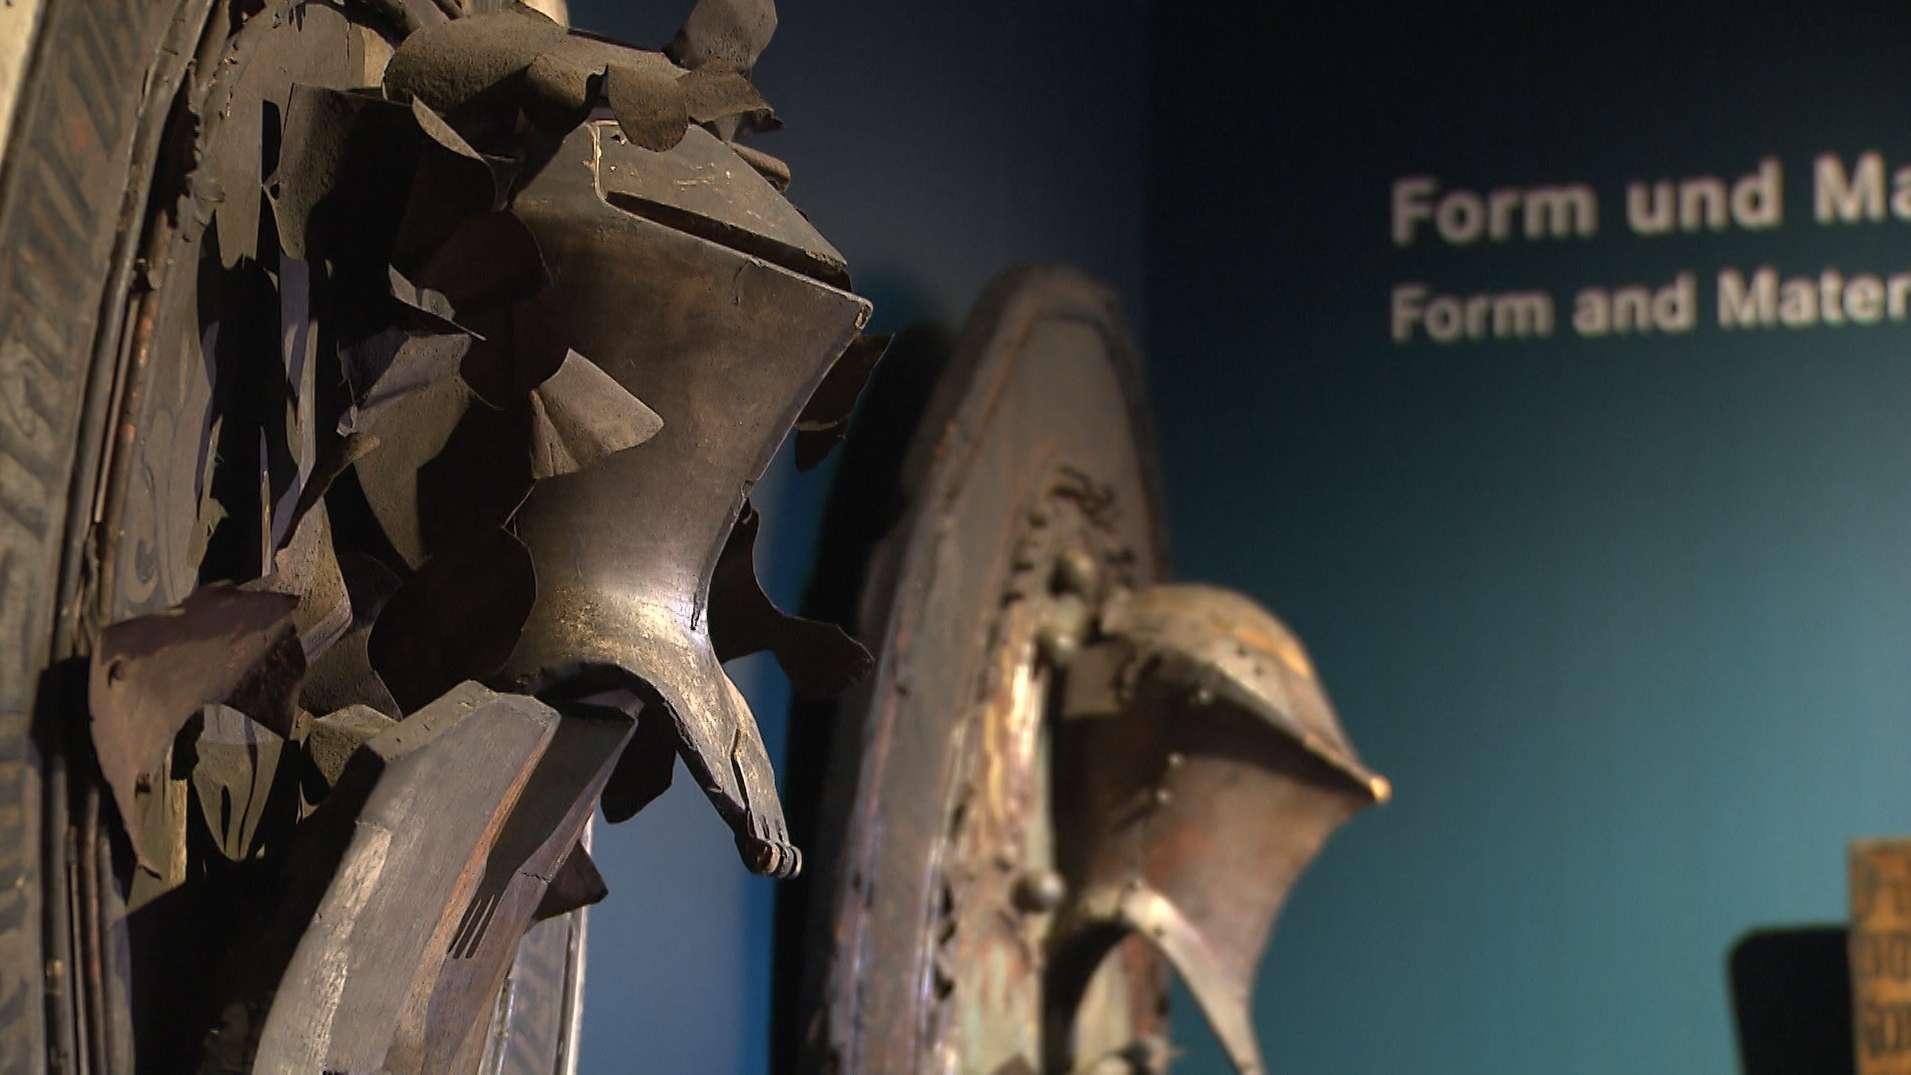 Das Germanische Nationalmuseum zeigt eine Sonderschau über Nürnberger Totenschilde aus dem Spätmittelalter.